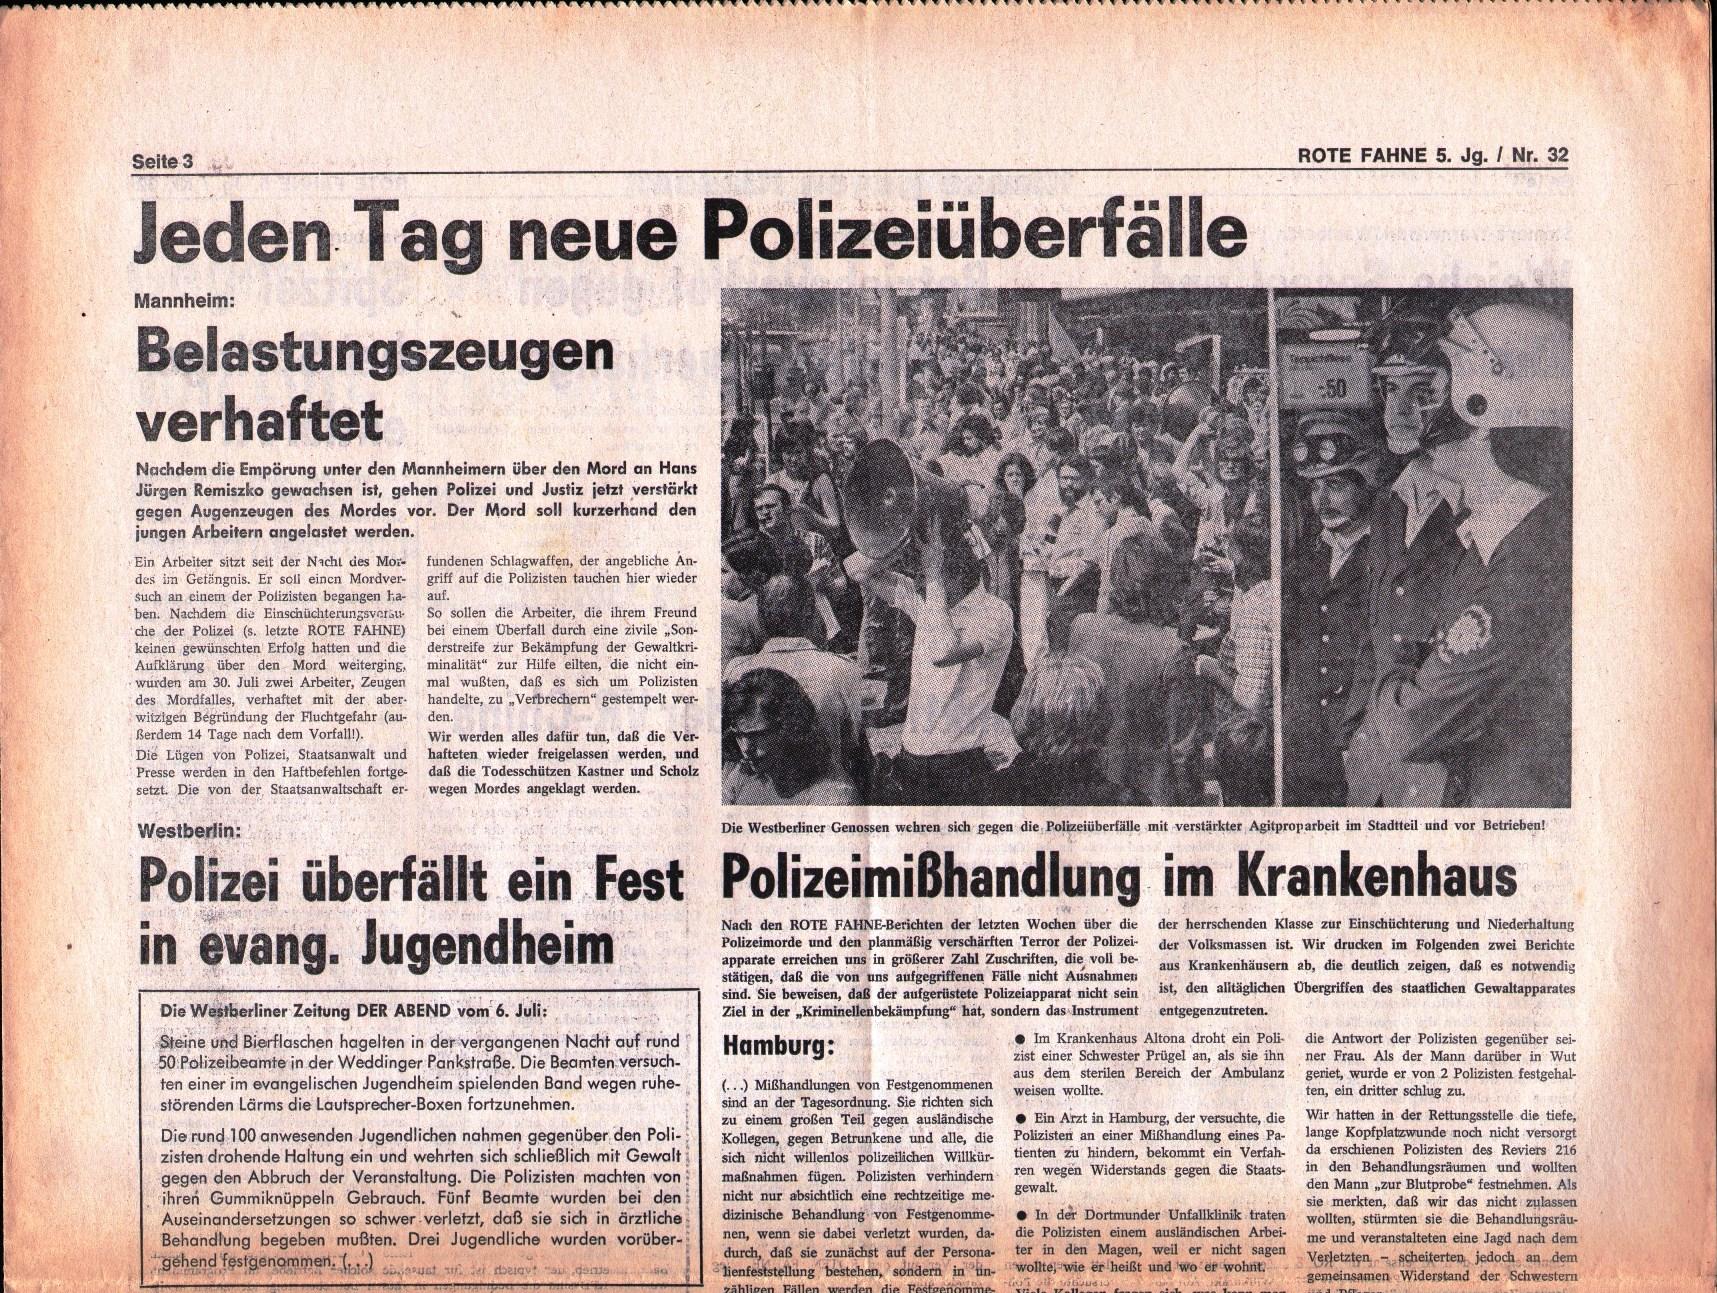 KPD_Rote_Fahne_1974_32_05